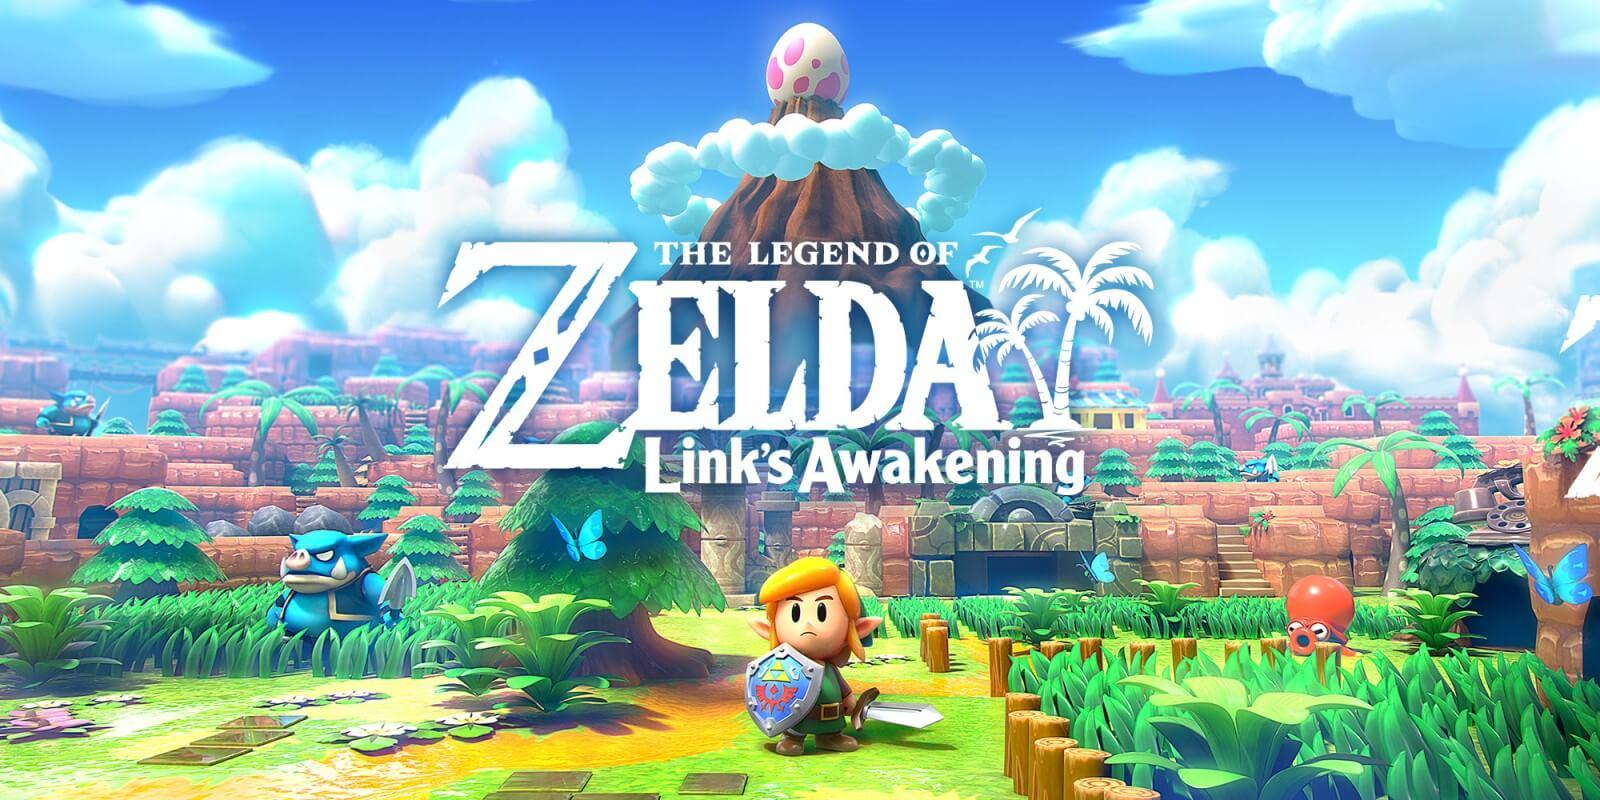 Foto de [Hands-on] The Legend of Zelda: Link's Awakening a perfeita experiencia nostálgica!